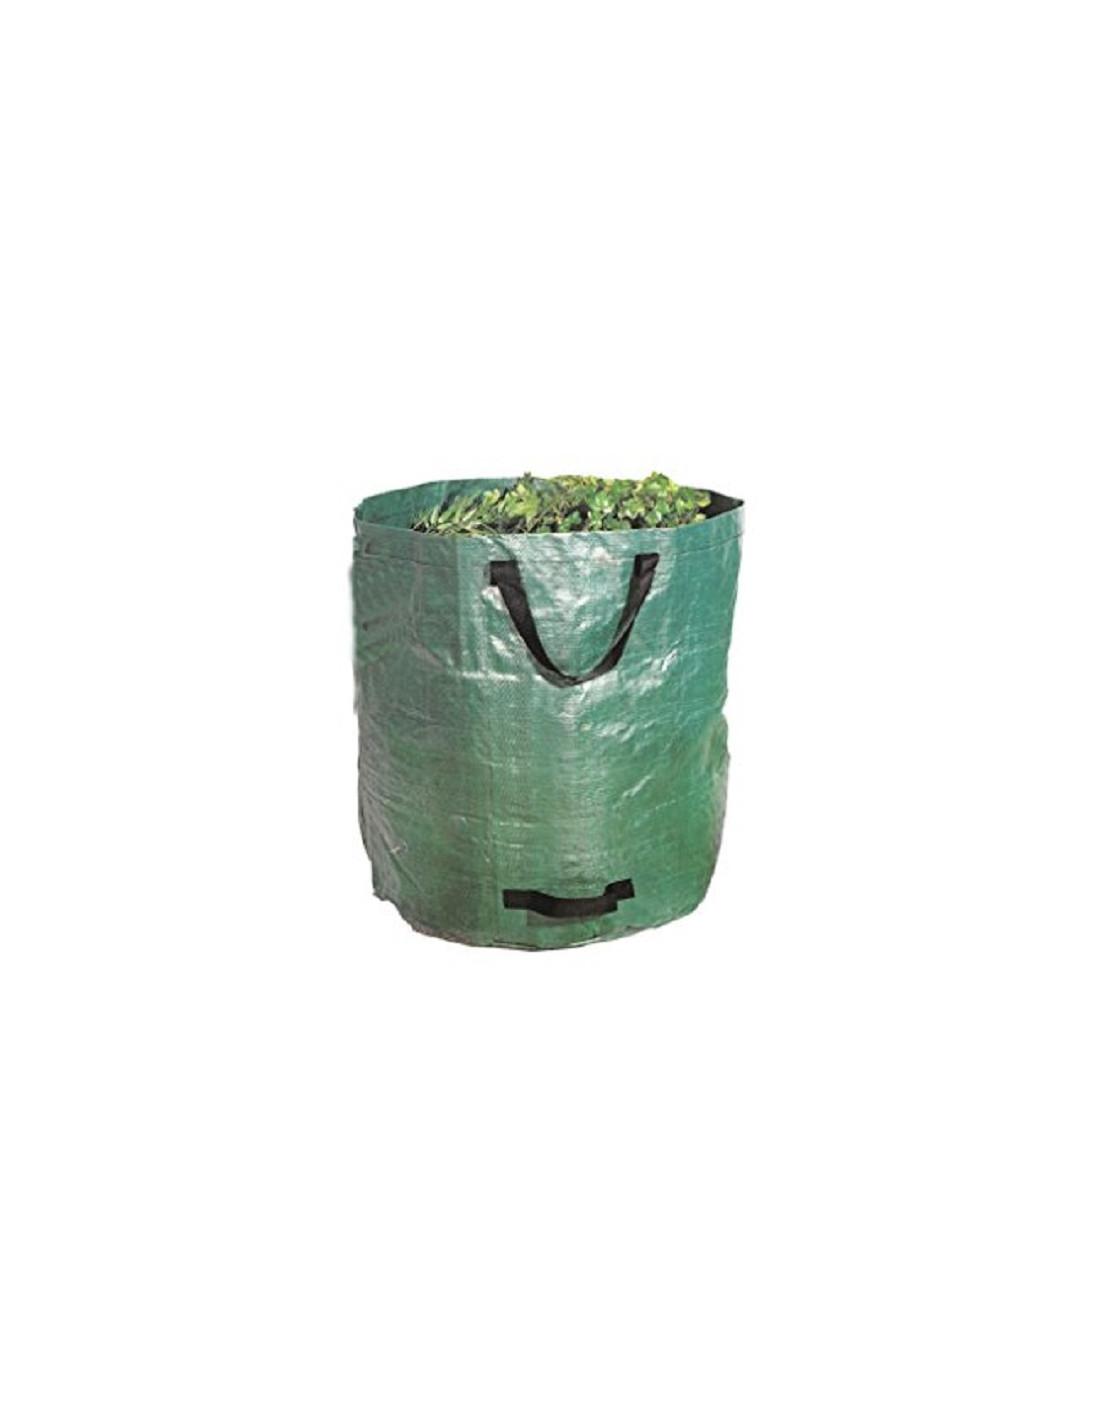 Bolsa para desechos de jard n 45 x 76 cm tienda de for Bolsa de piedra para jardin